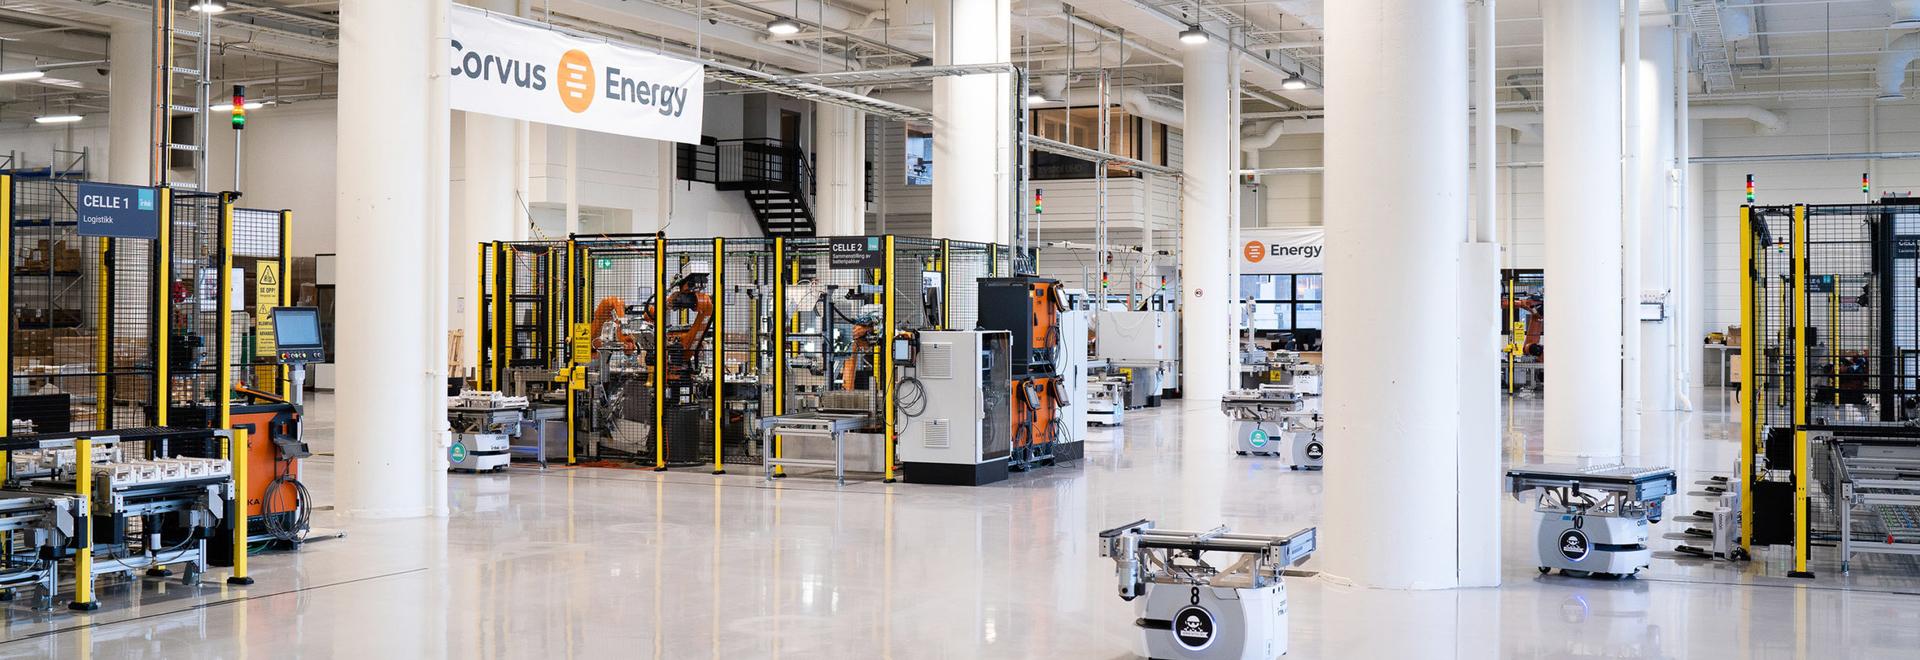 Corvus Energy iniciará el desarrollo de sistemas marítimos de pila de combustible con tecnología de pila de combustible de hidrógeno suministrada por Toyota